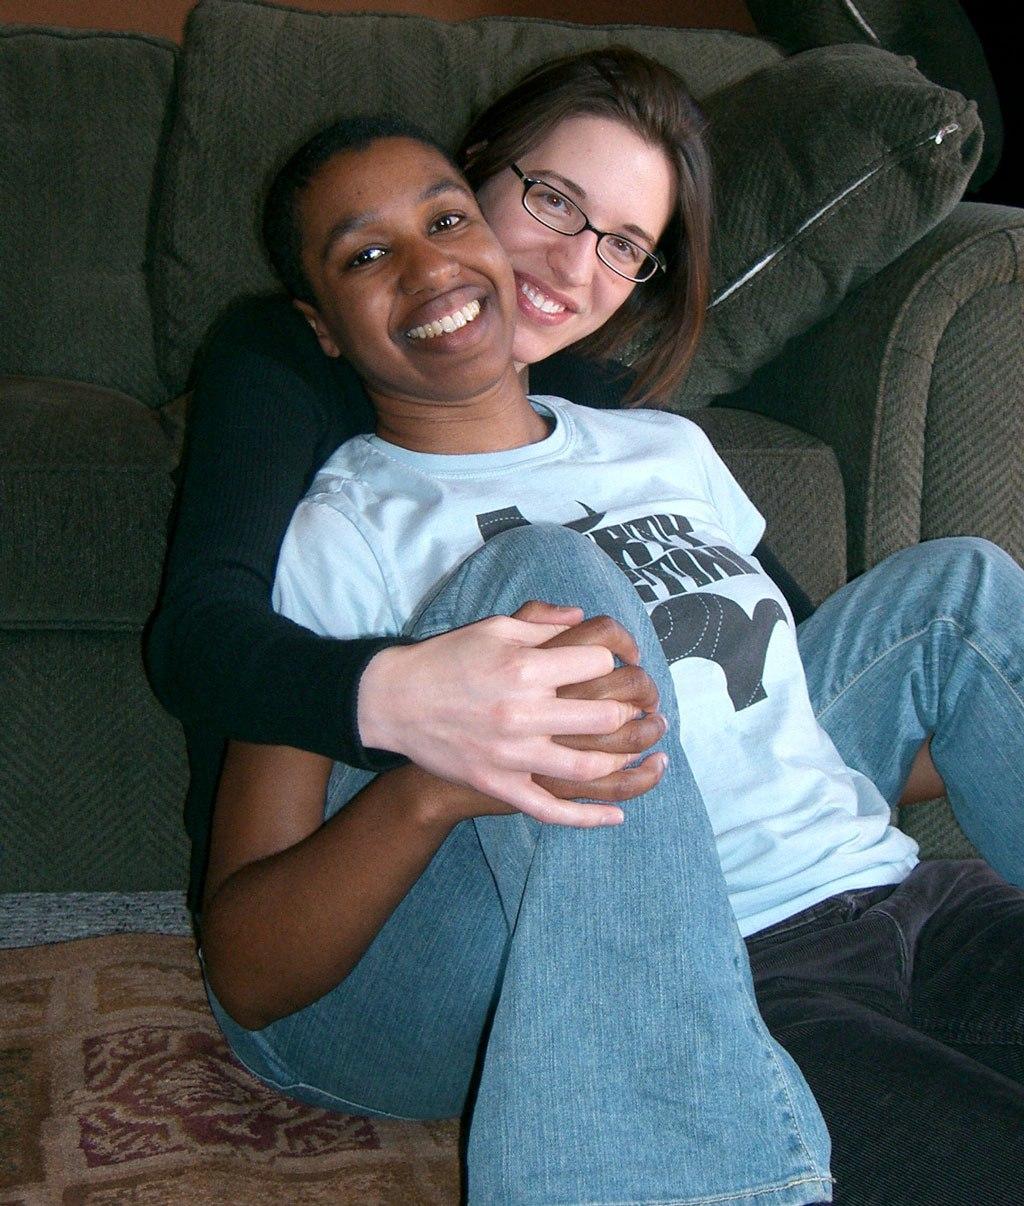 Jess and Kronda at Church of Waffles